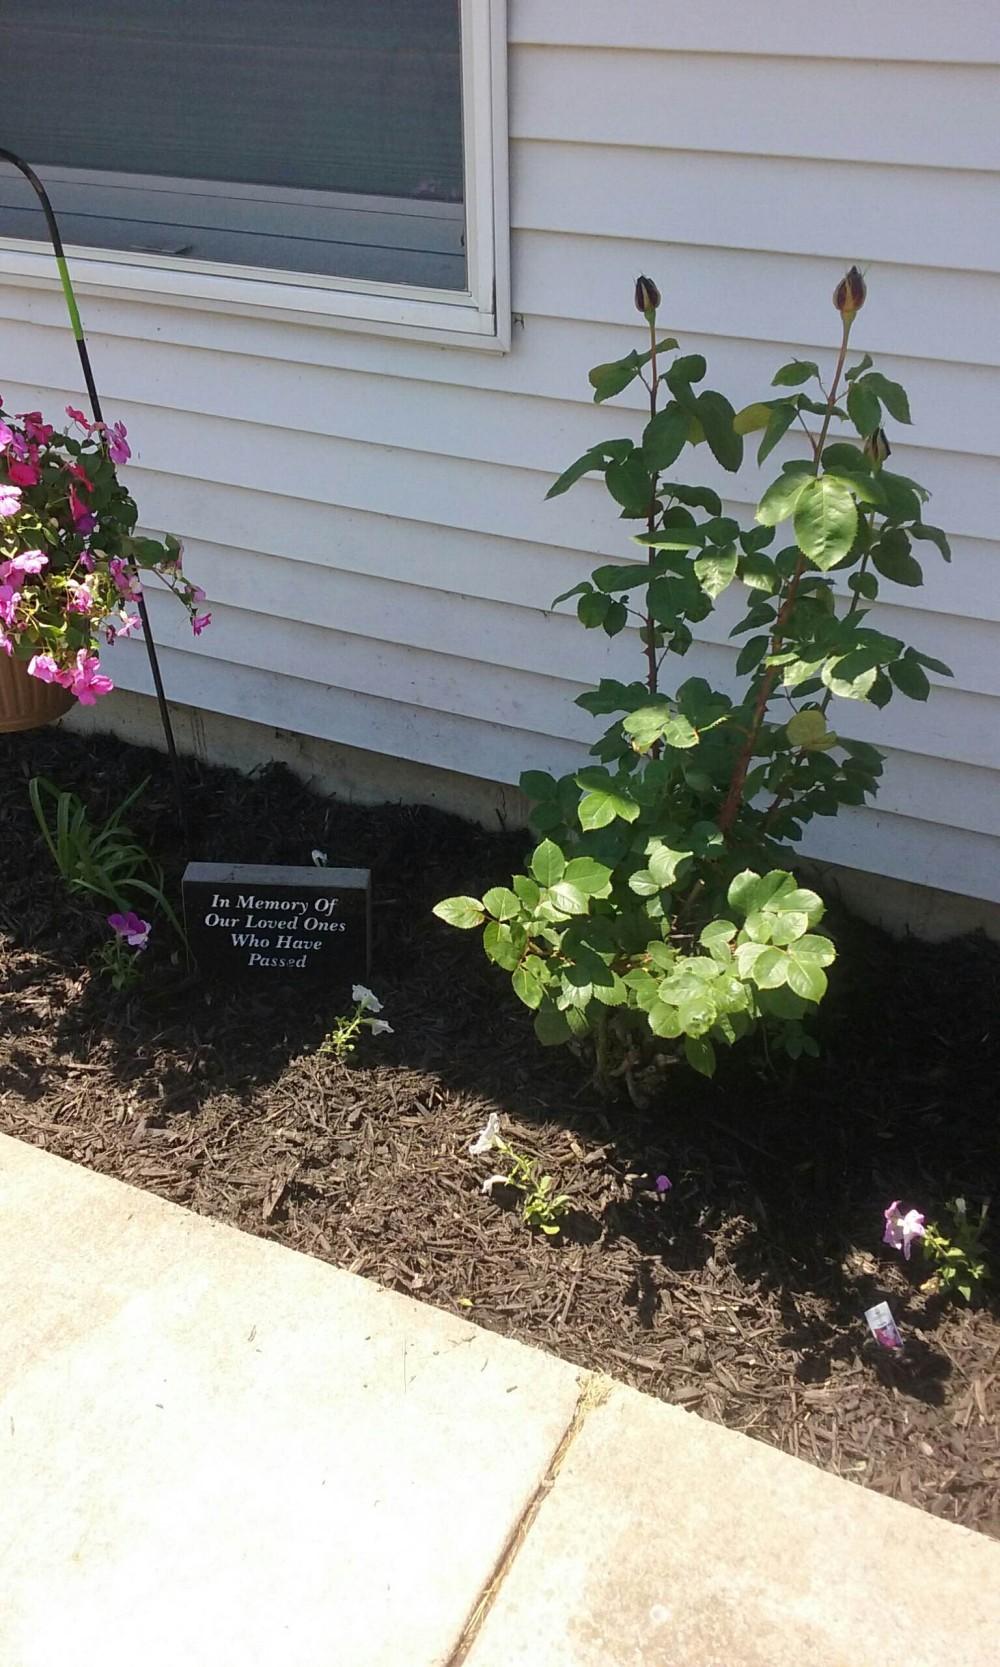 comm housing memorial garden 3